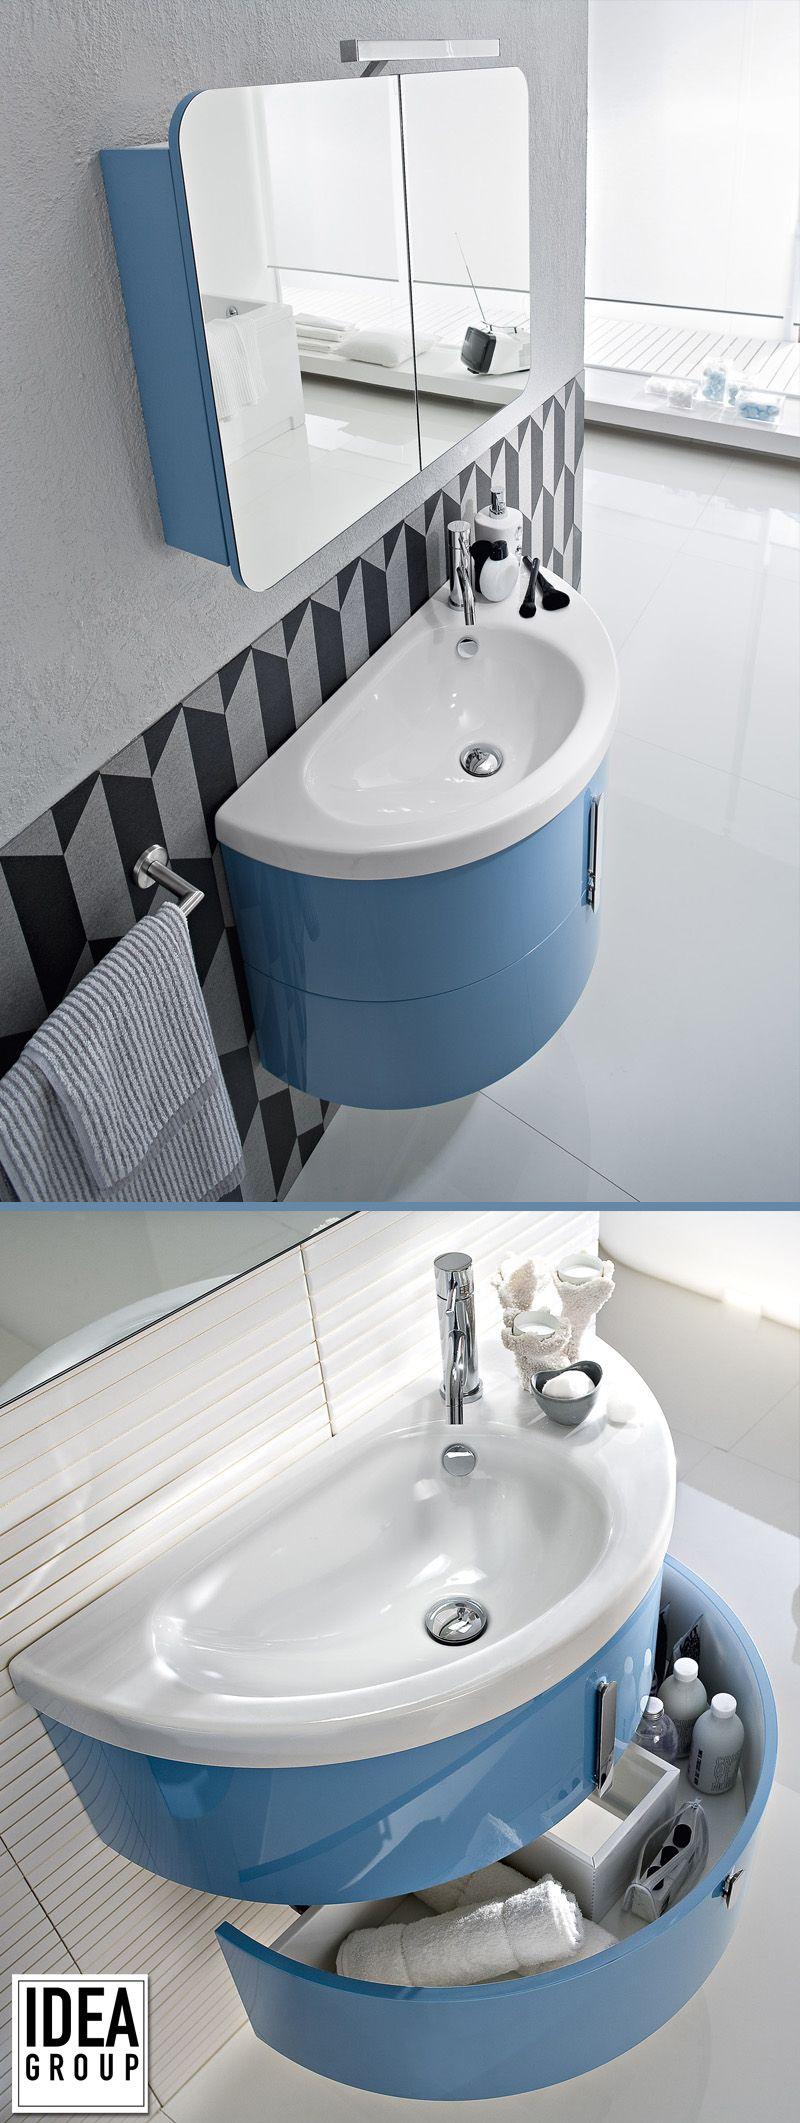 Salle De Bain Moon Forme Demi Lune Coloris Mobilier Bleu Idea